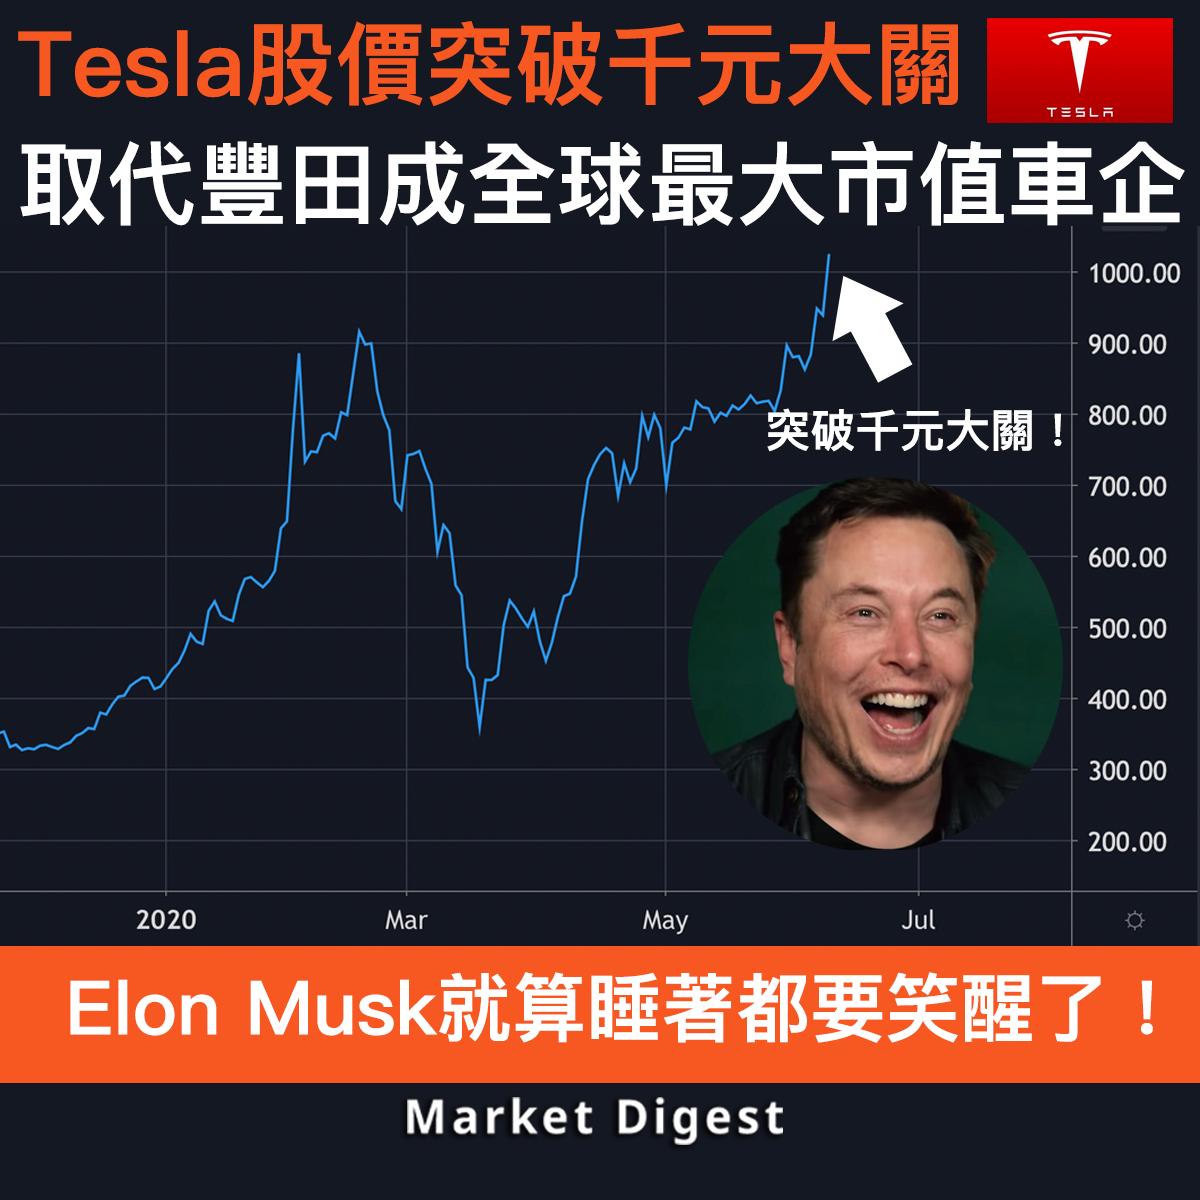 【市場熱話】Tesla股價突破千元大關,取代豐田成全球最大市值車企